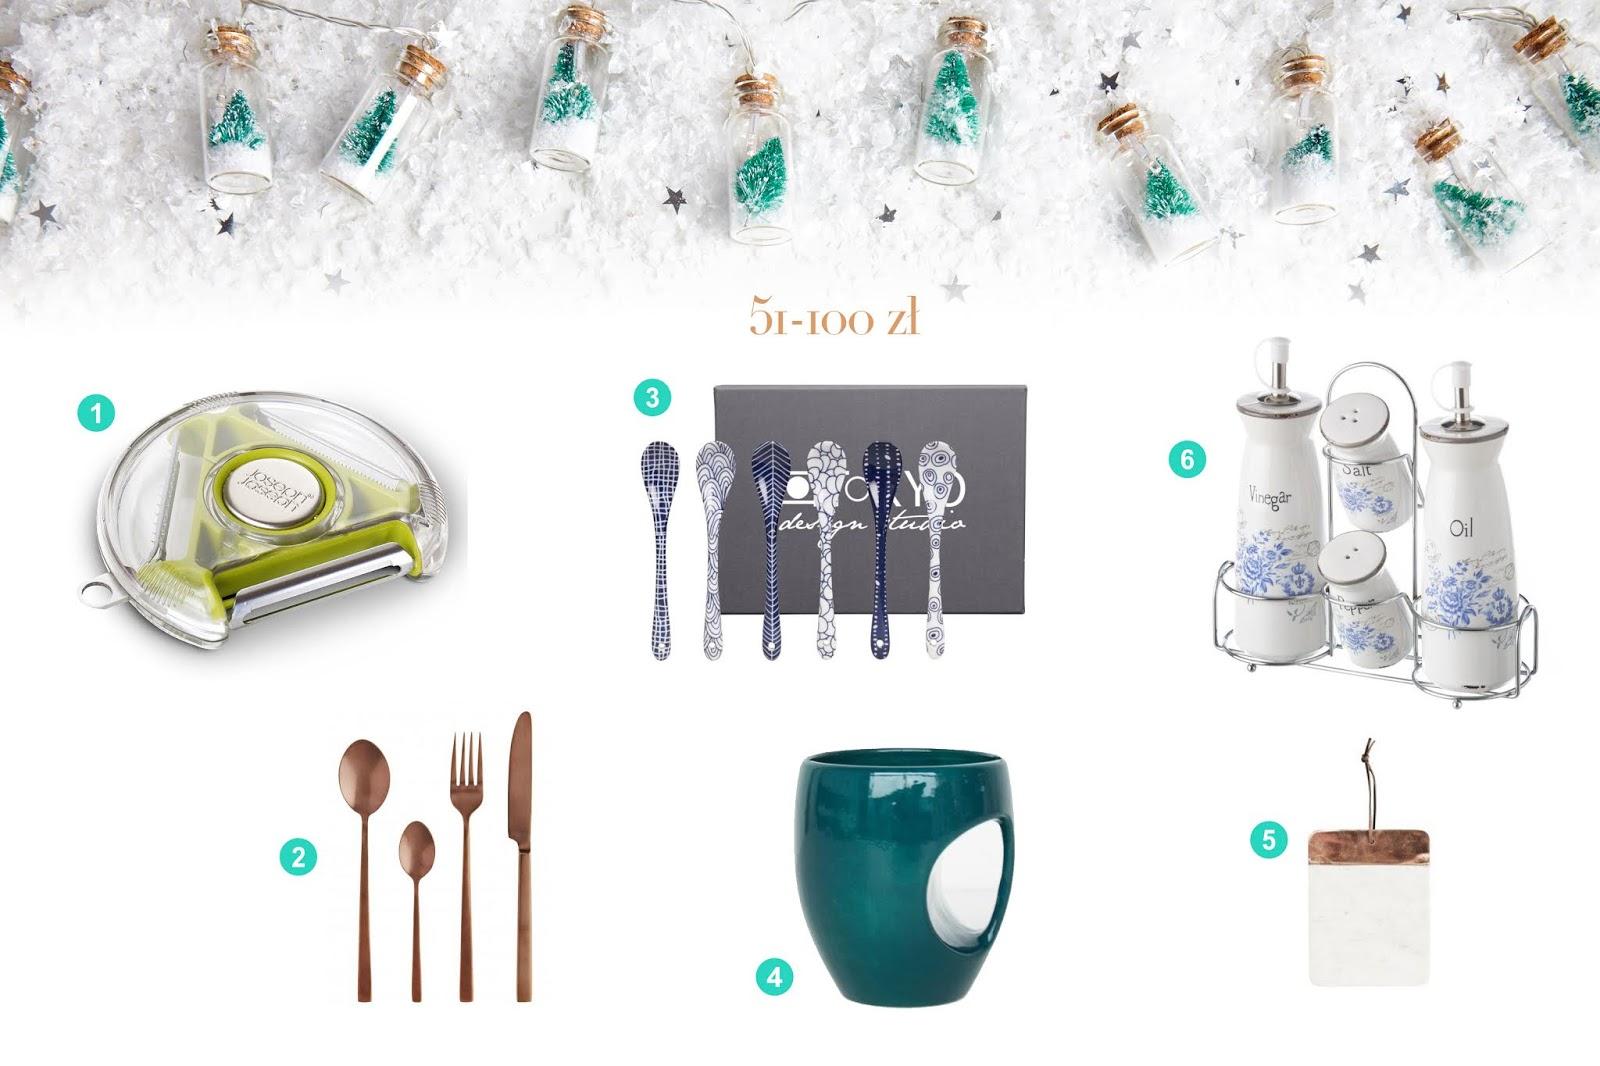 prezenty świąteczne, favi.pl, pomysły na prezent dla niej, pomysły na prezent dla niego, kraina miodem płynąca